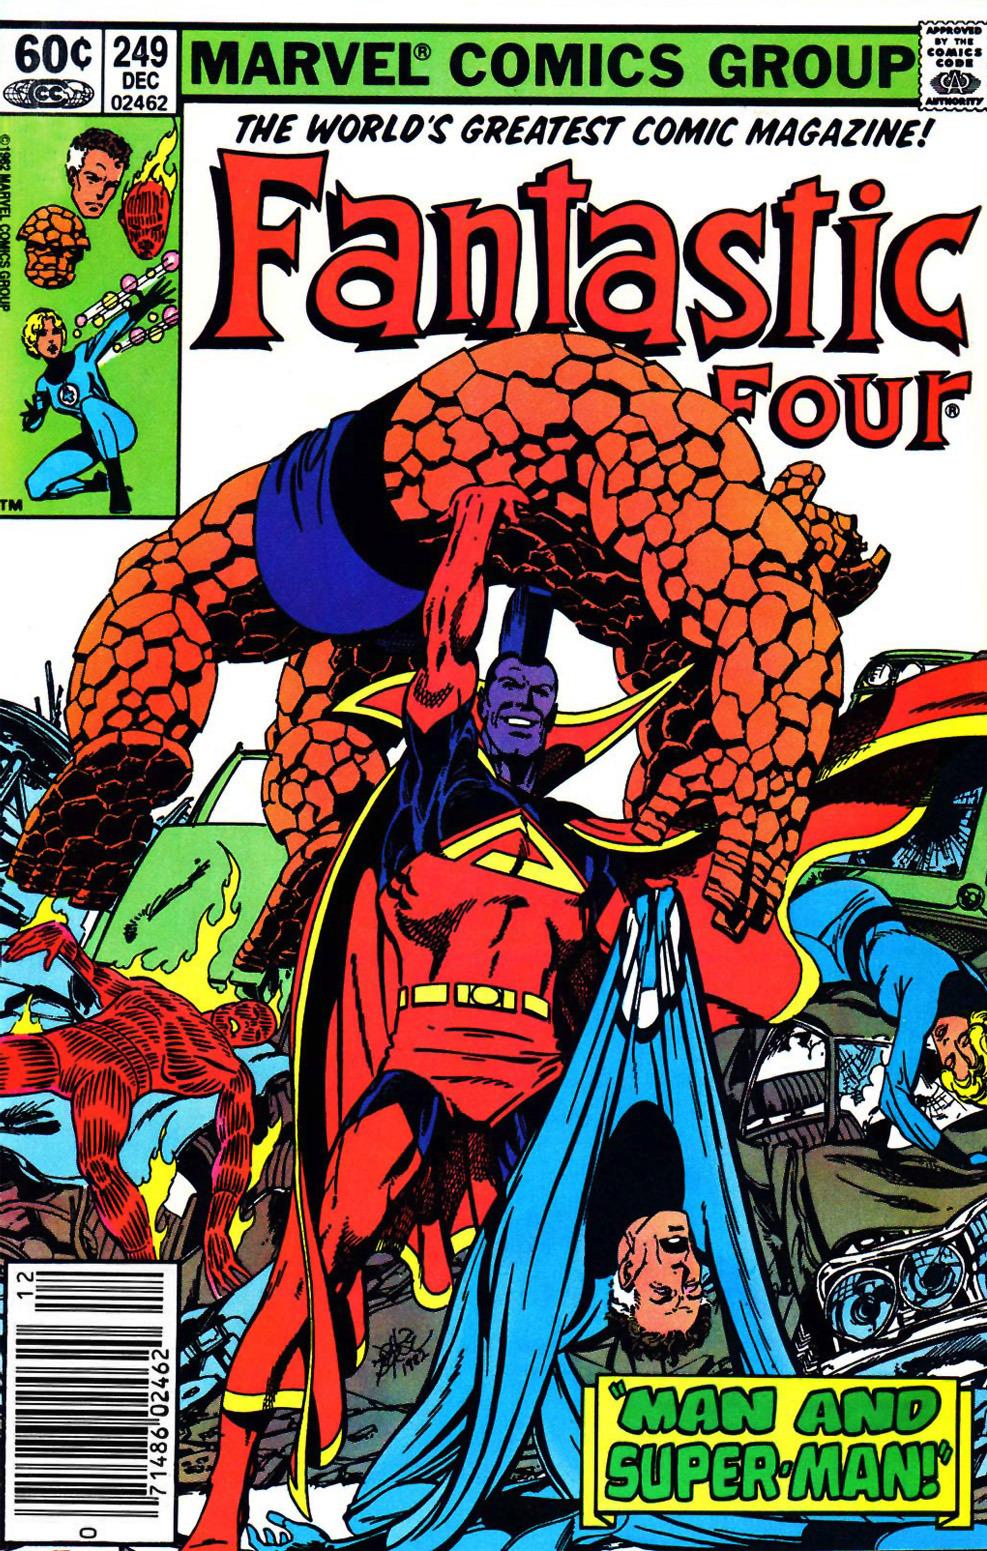 [Comics] Plagios , Homenajes o similes... - Página 4 Tumblr_m67xdoIxJR1rnhr86o1_1280